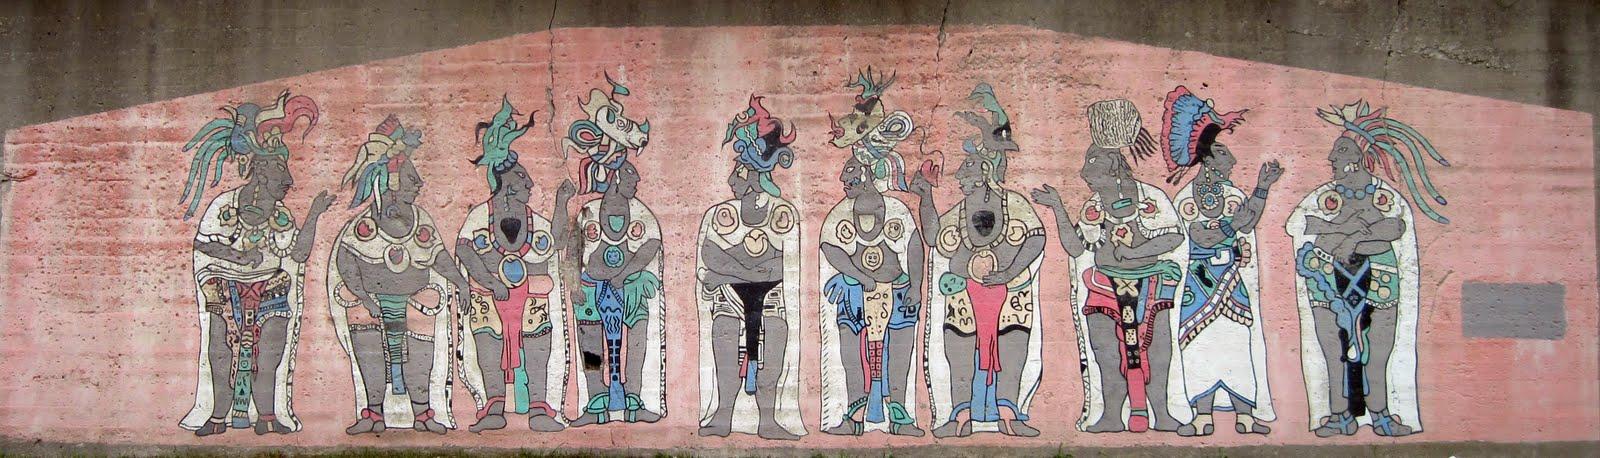 Best graffiti world avenida cesar e chavez kansas city for Cesar chavez mural